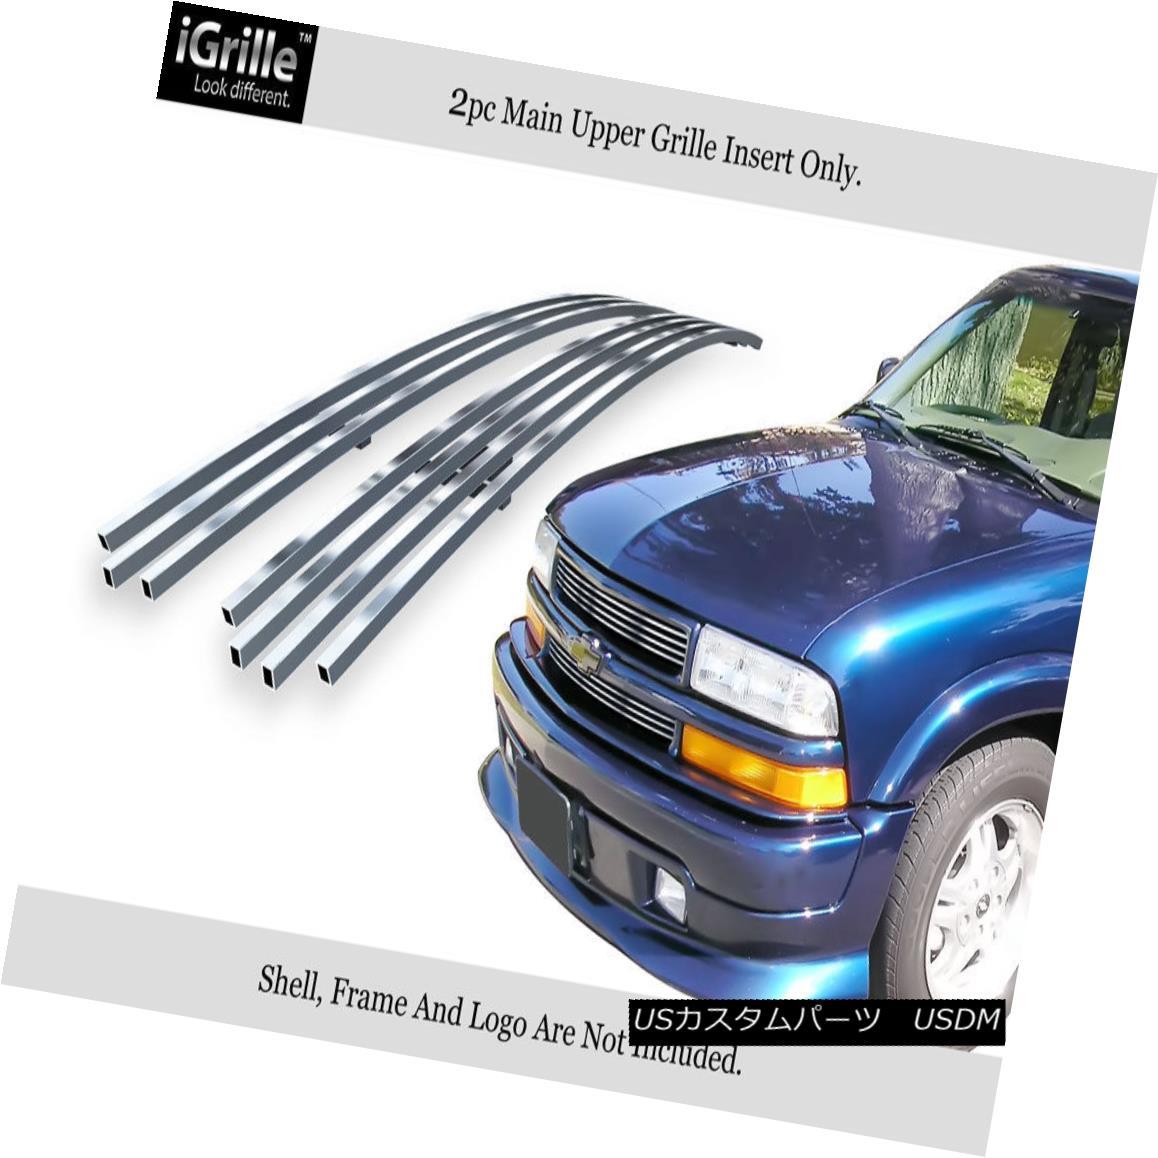 グリル Fits 1998-2004 Chevy S-10 /1998-2005 Blazer Stainless Steel Billet Grille フィット1998-2004シボレーS-10 / 1998-2005ブレザーステンレス鋼ビレットグリル